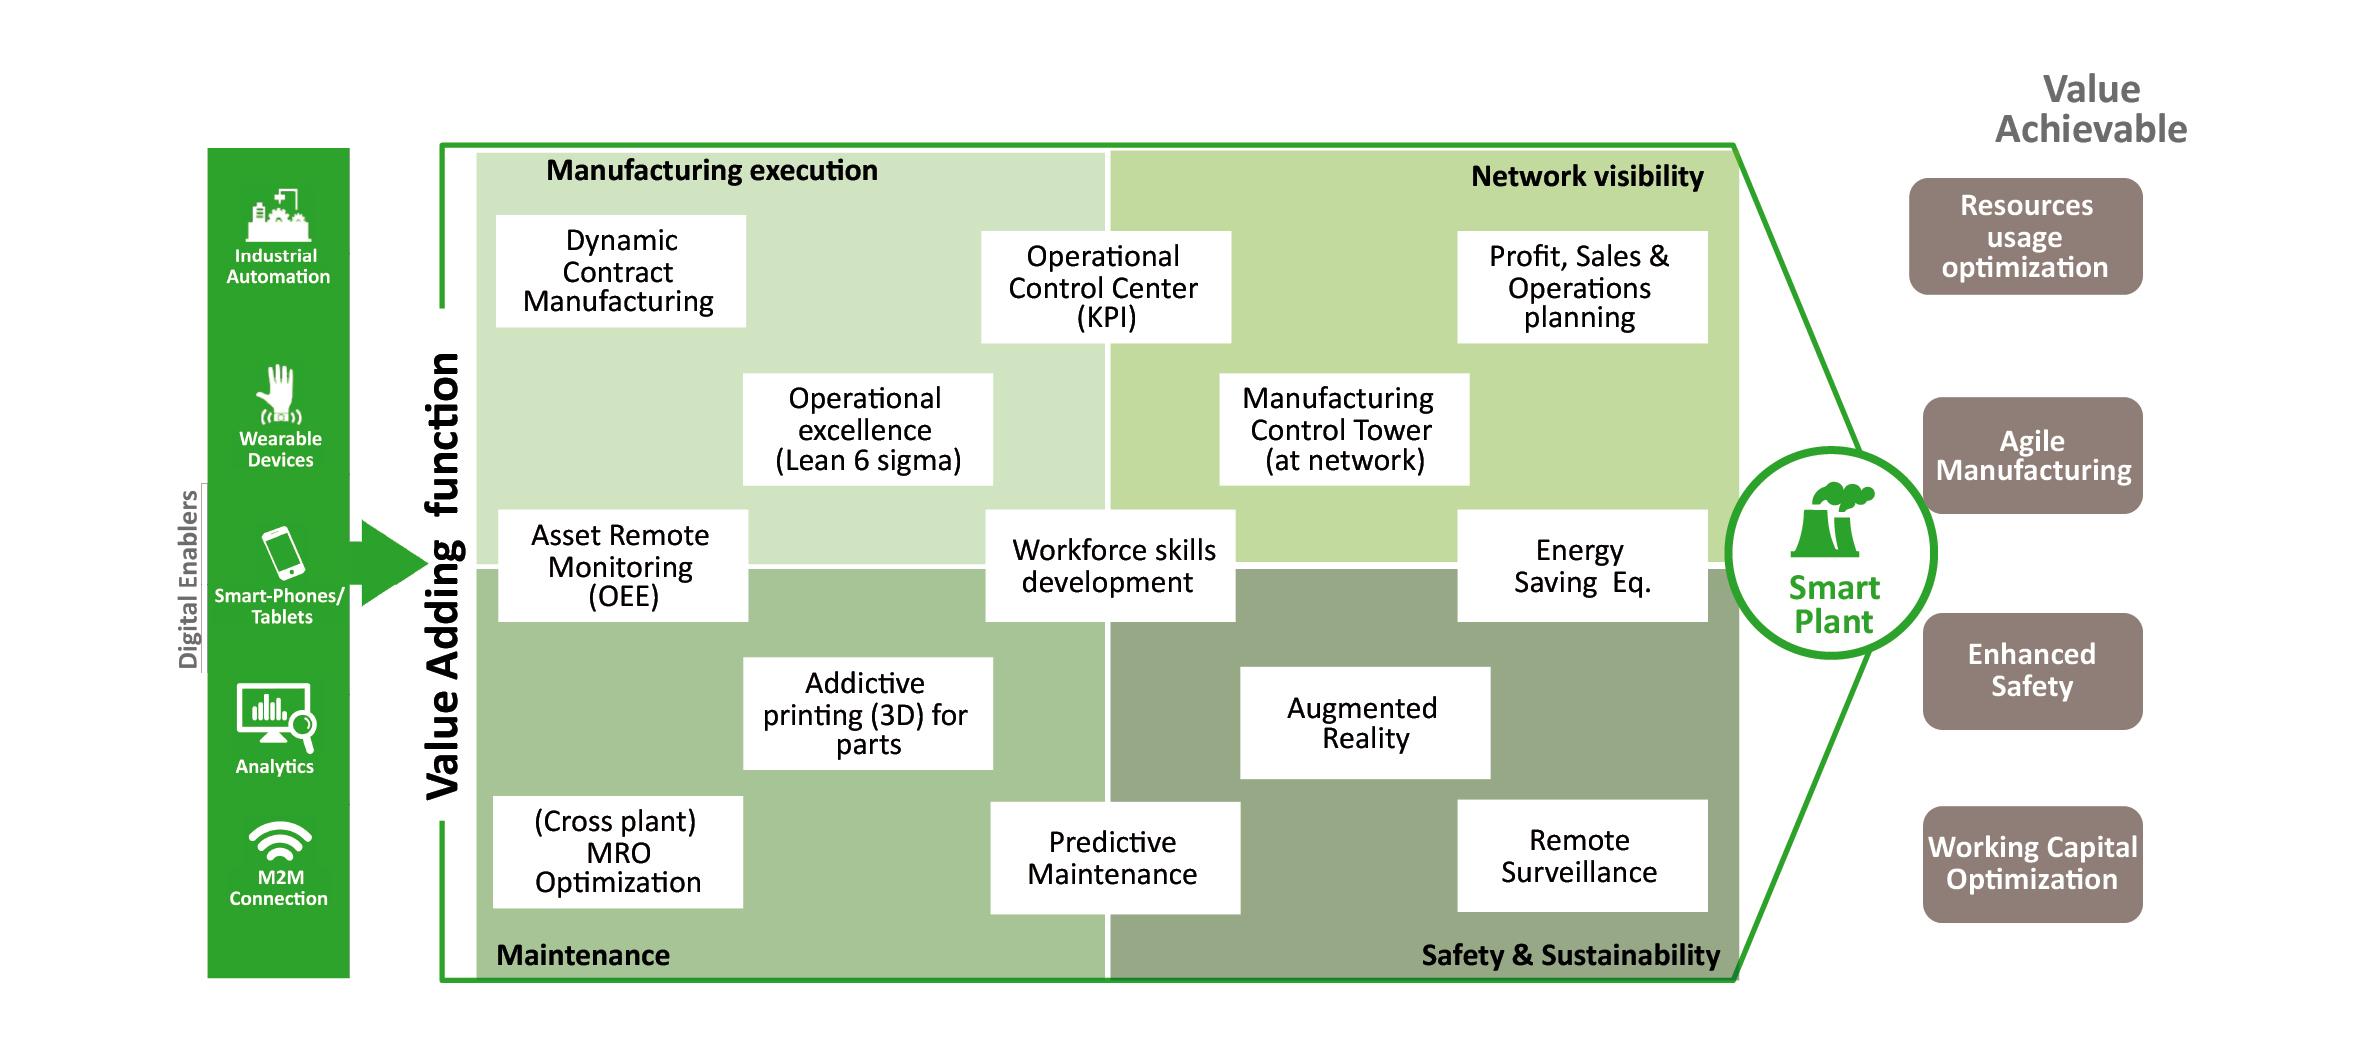 La leve di sviluppo che concorrono allo Smart Plant